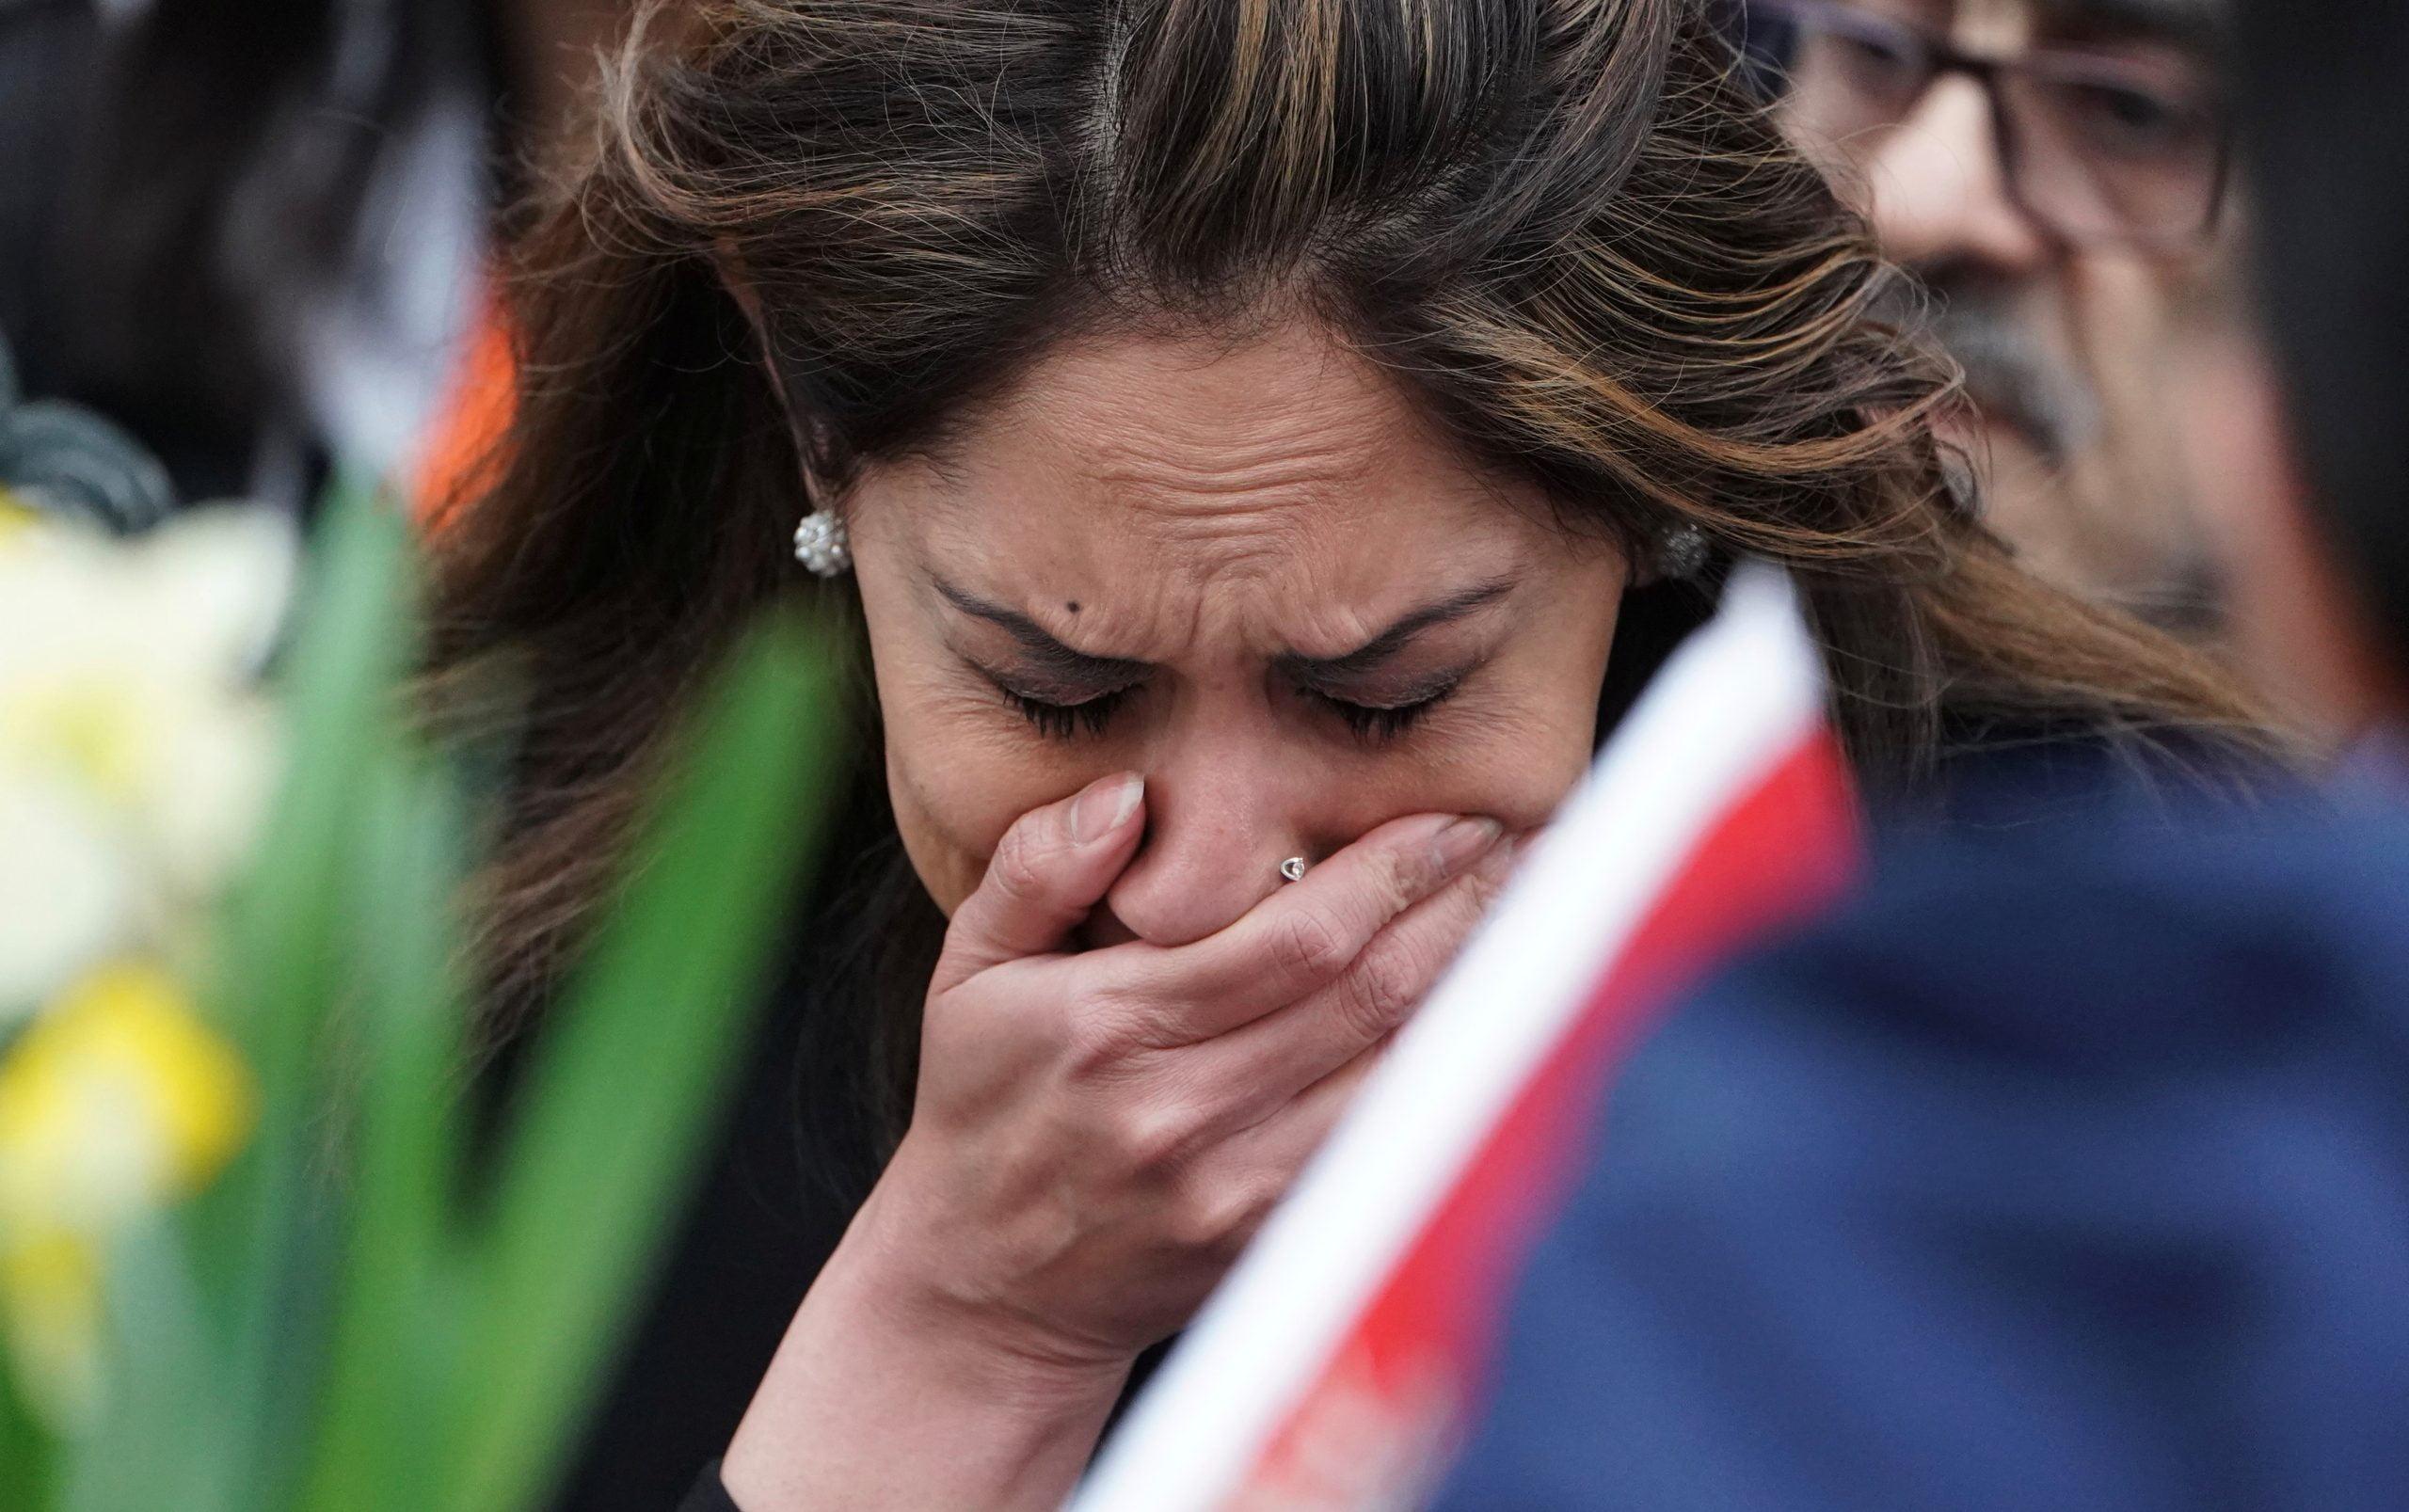 """3305292 امرأة تبكي أمام النصب التذكارى scaled - بعد تفشي كورونا إرتفاع نسبة العنف الأسري في """"كندا"""" 30 بالمئة"""